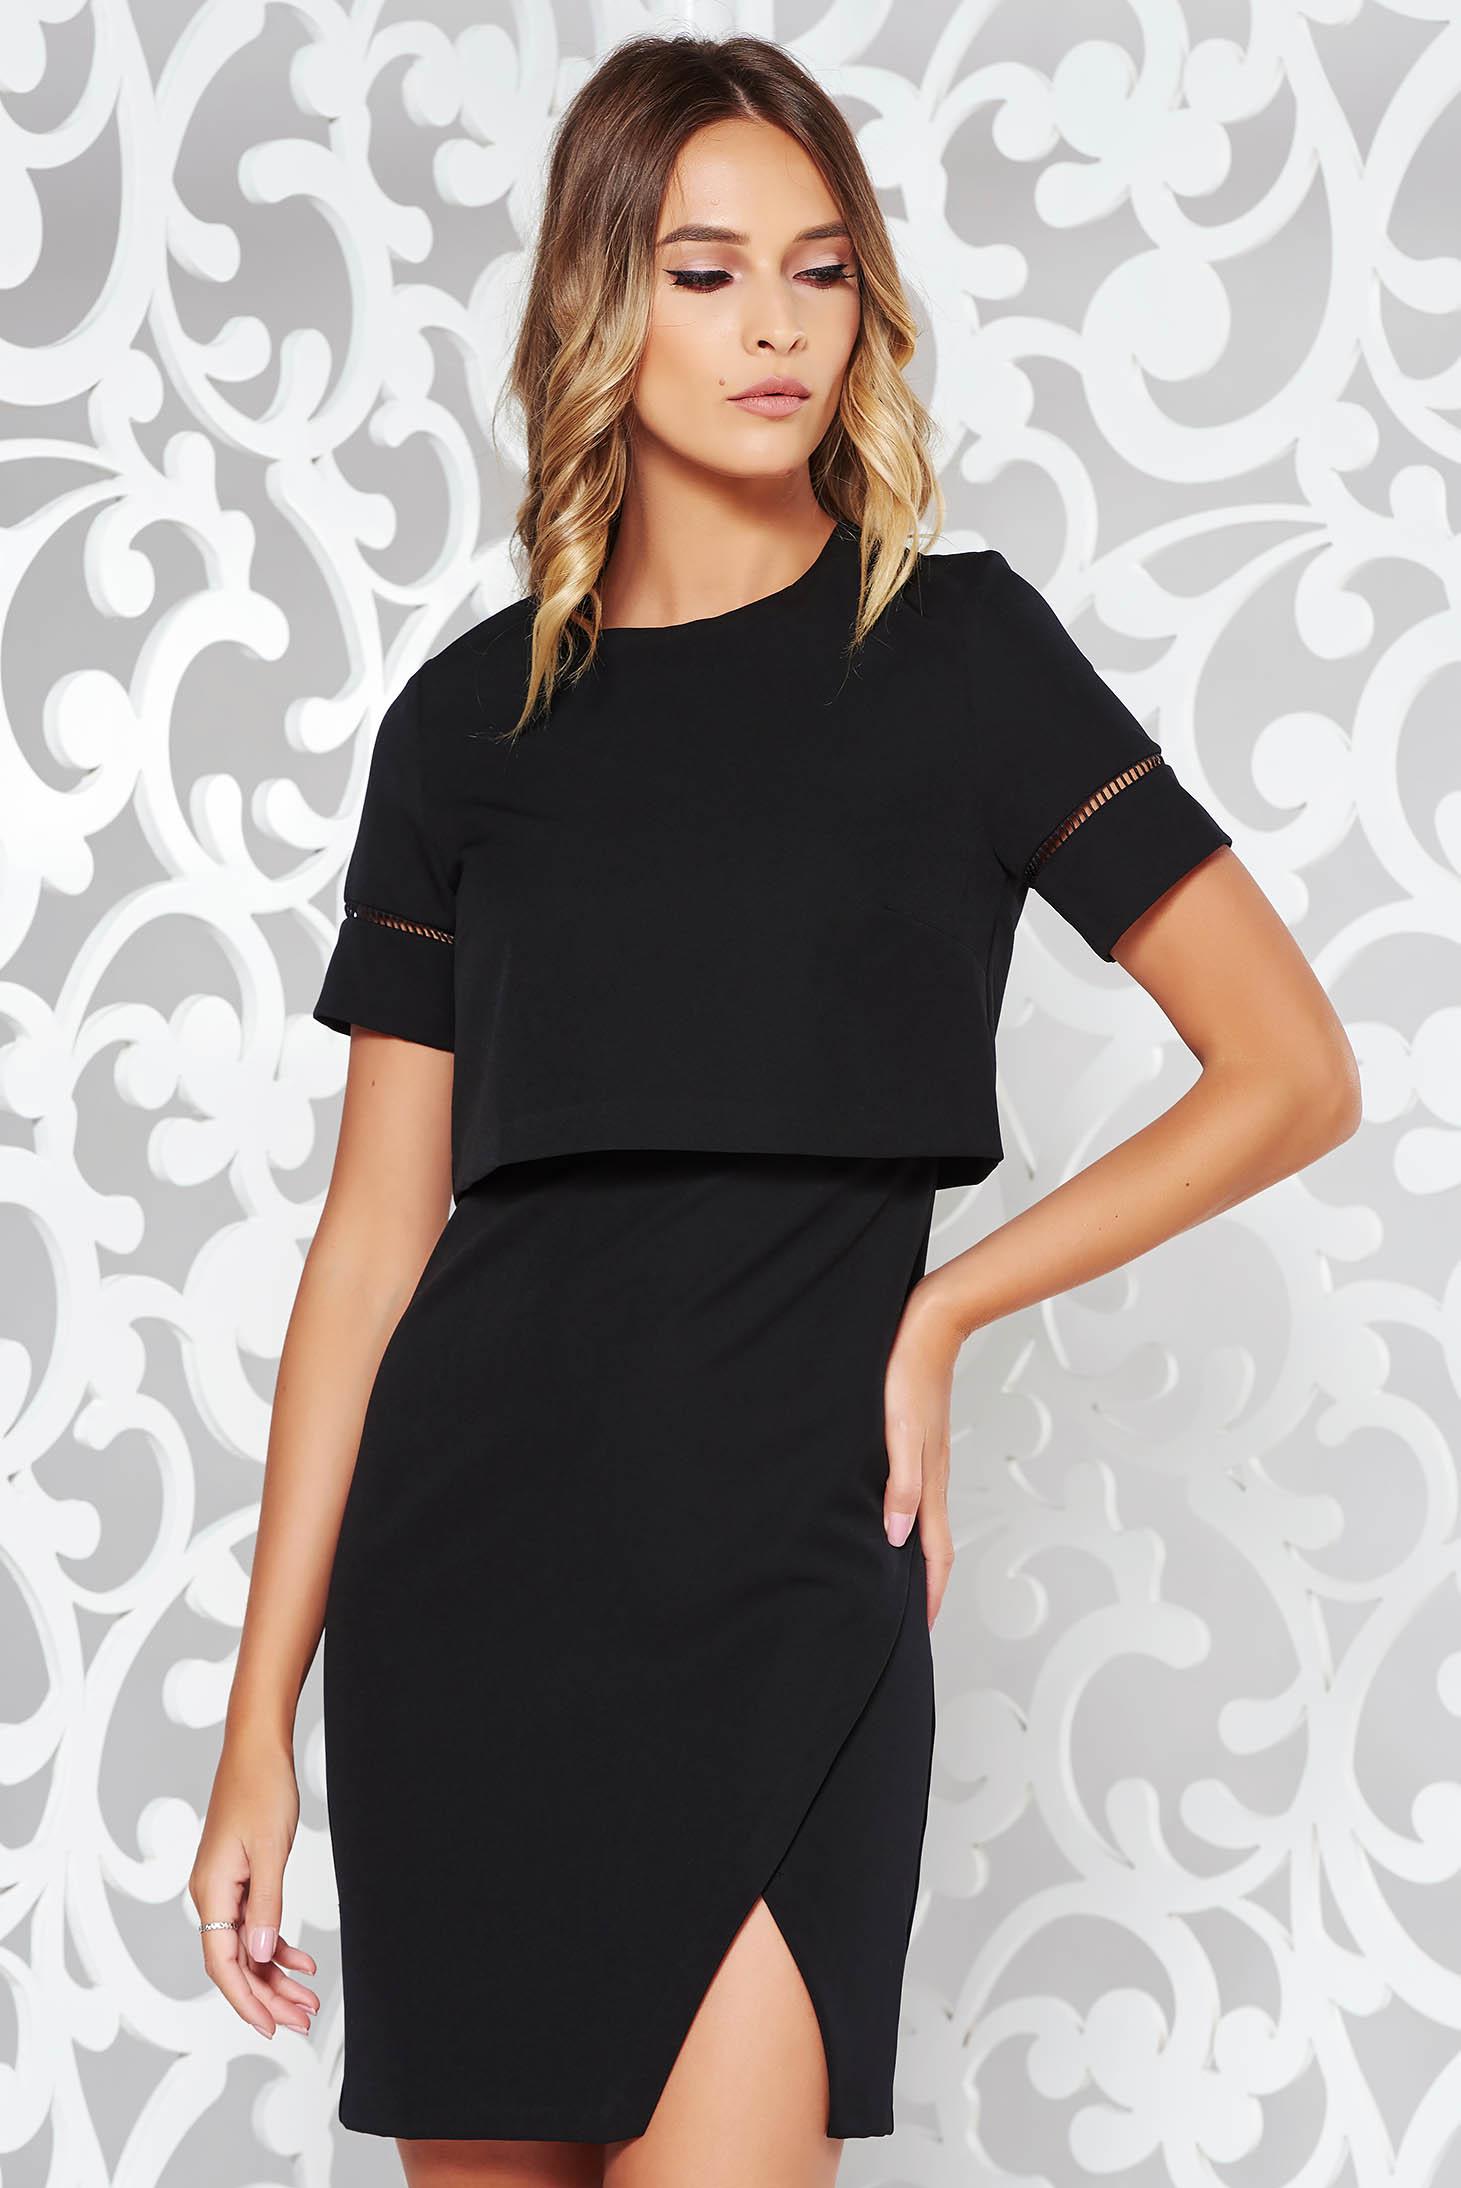 Rochie neagra eleganta cu un croi mulat din material usor elastic captusita pe interior